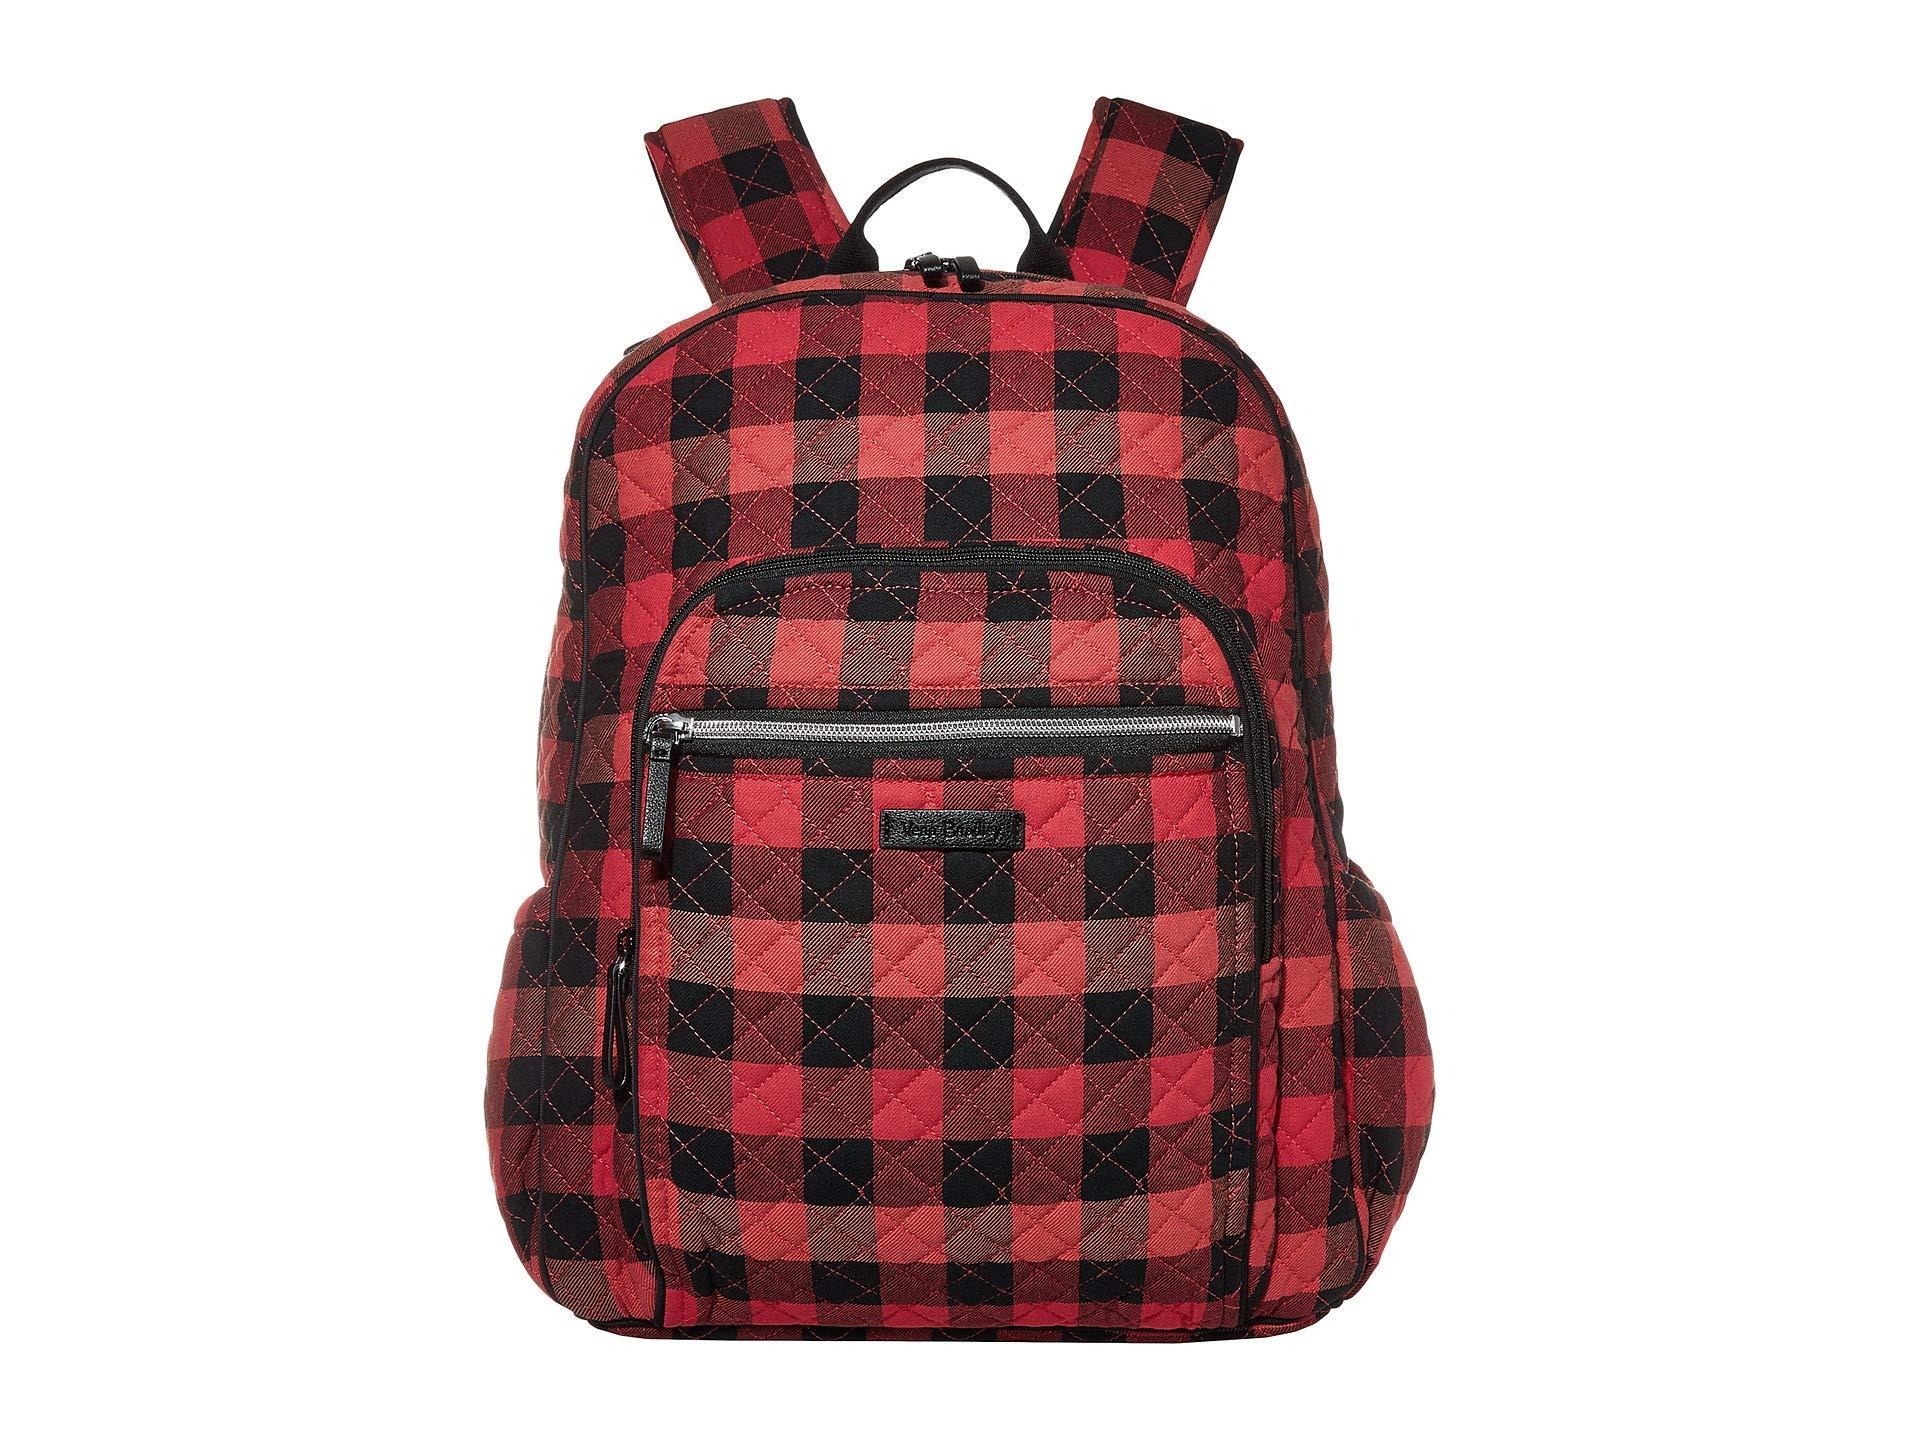 Vera Bradley Campus 2 Backpack